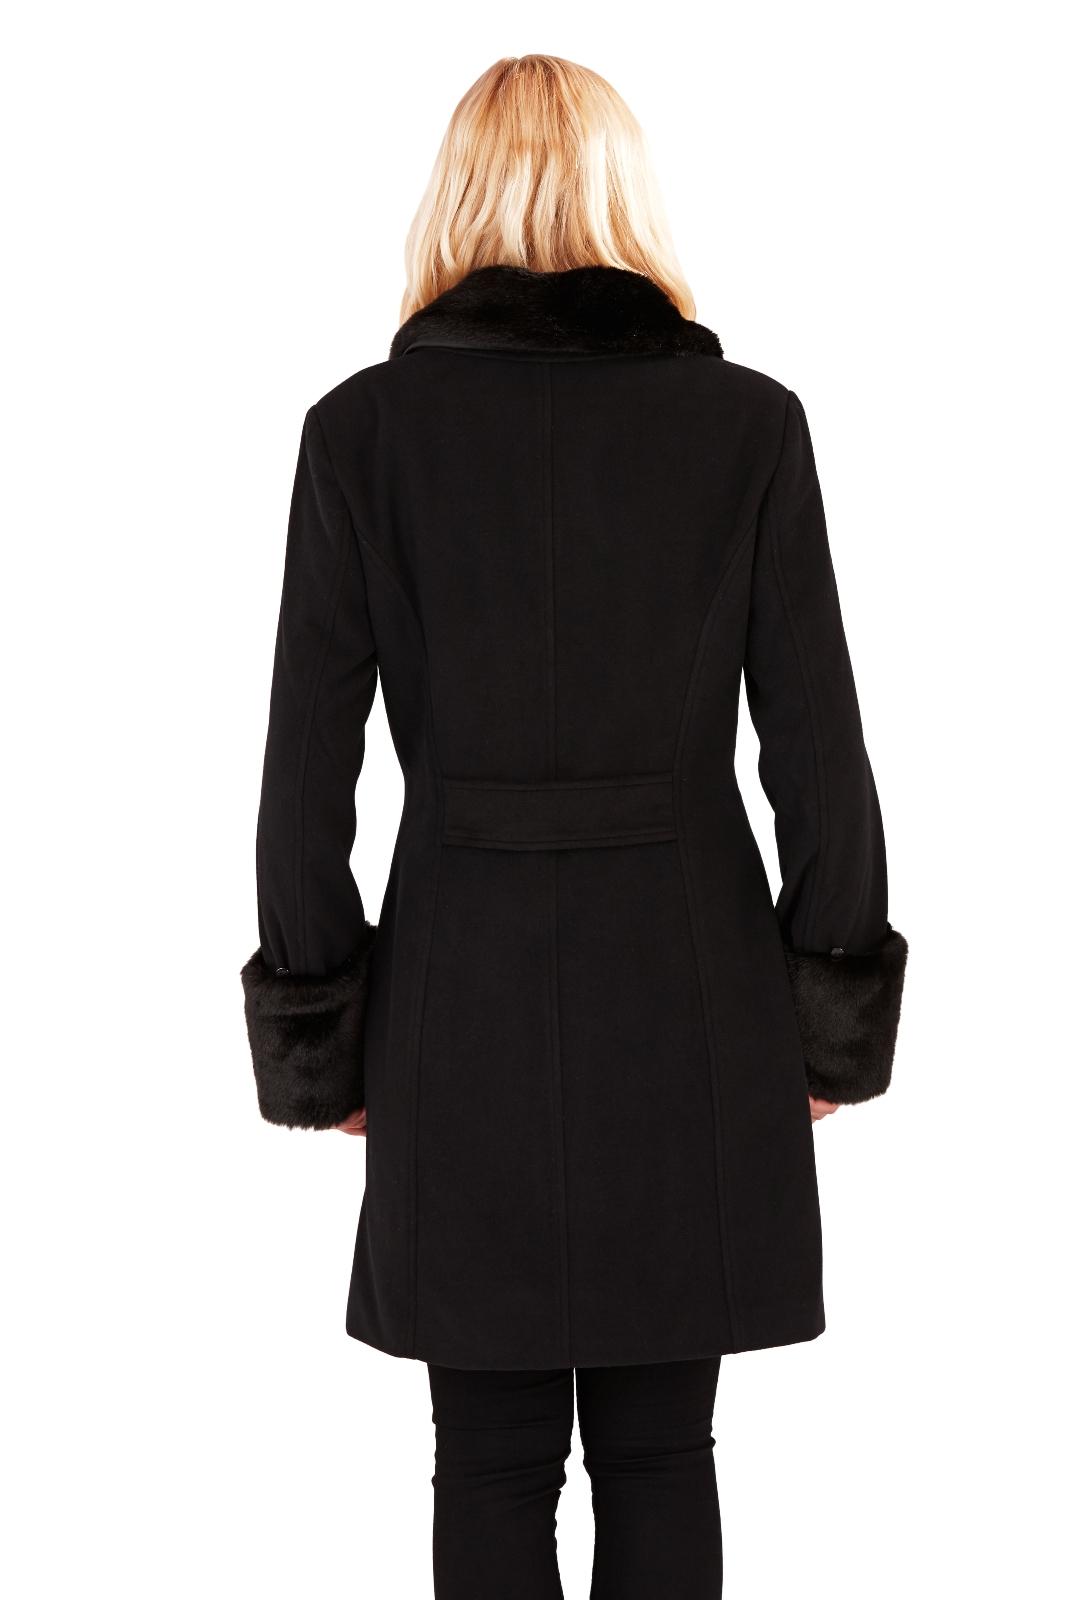 Winter coat women uk